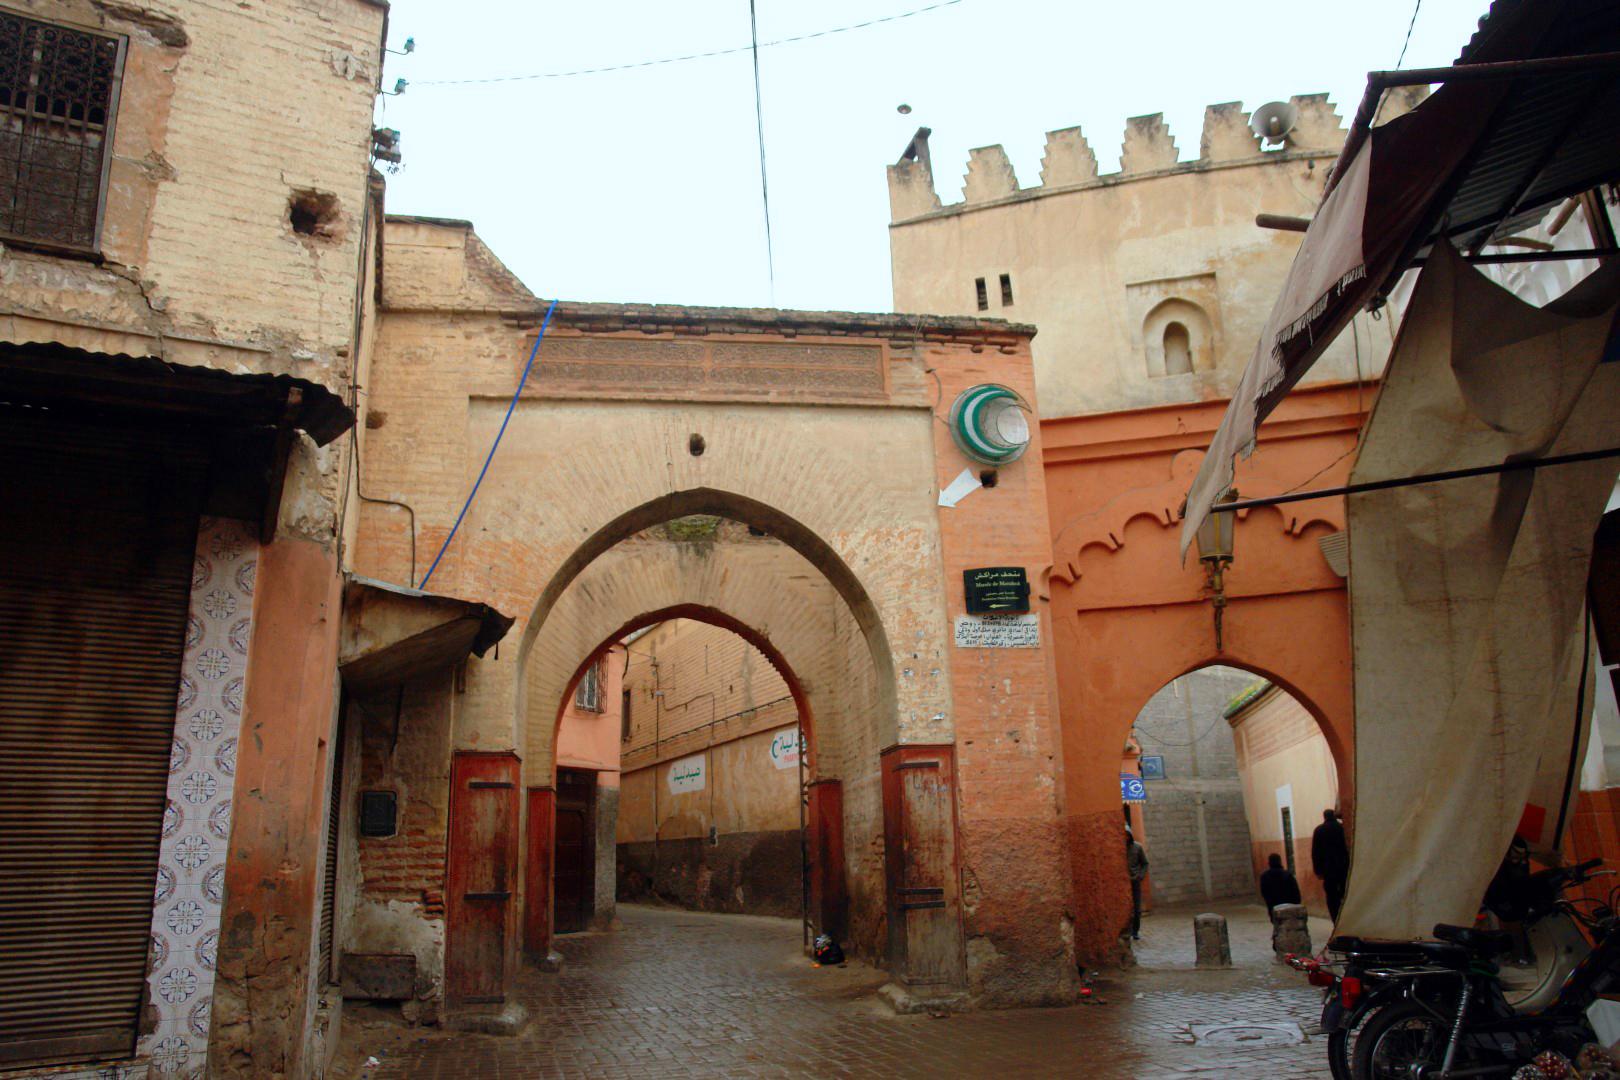 Qué ver en Marrakech, Marruecos - Morocco qué ver en marrakech - 30892954412 d0f23faefd o - Qué ver en Marrakech, Marruecos